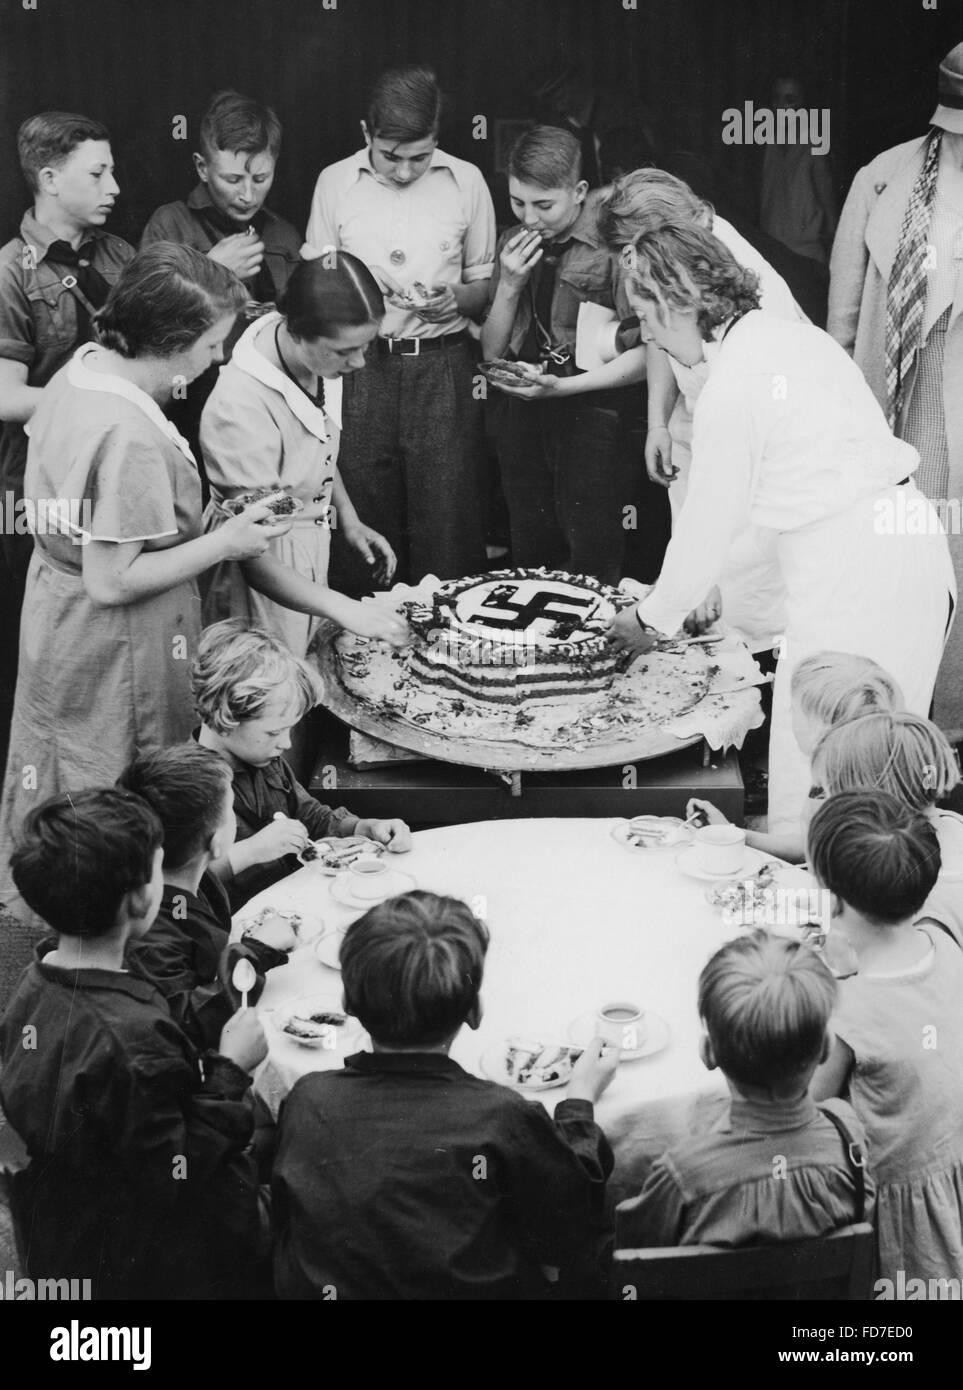 Birthday Cake Adolf Hitler Fotos e Imágenes de stock - Alamy